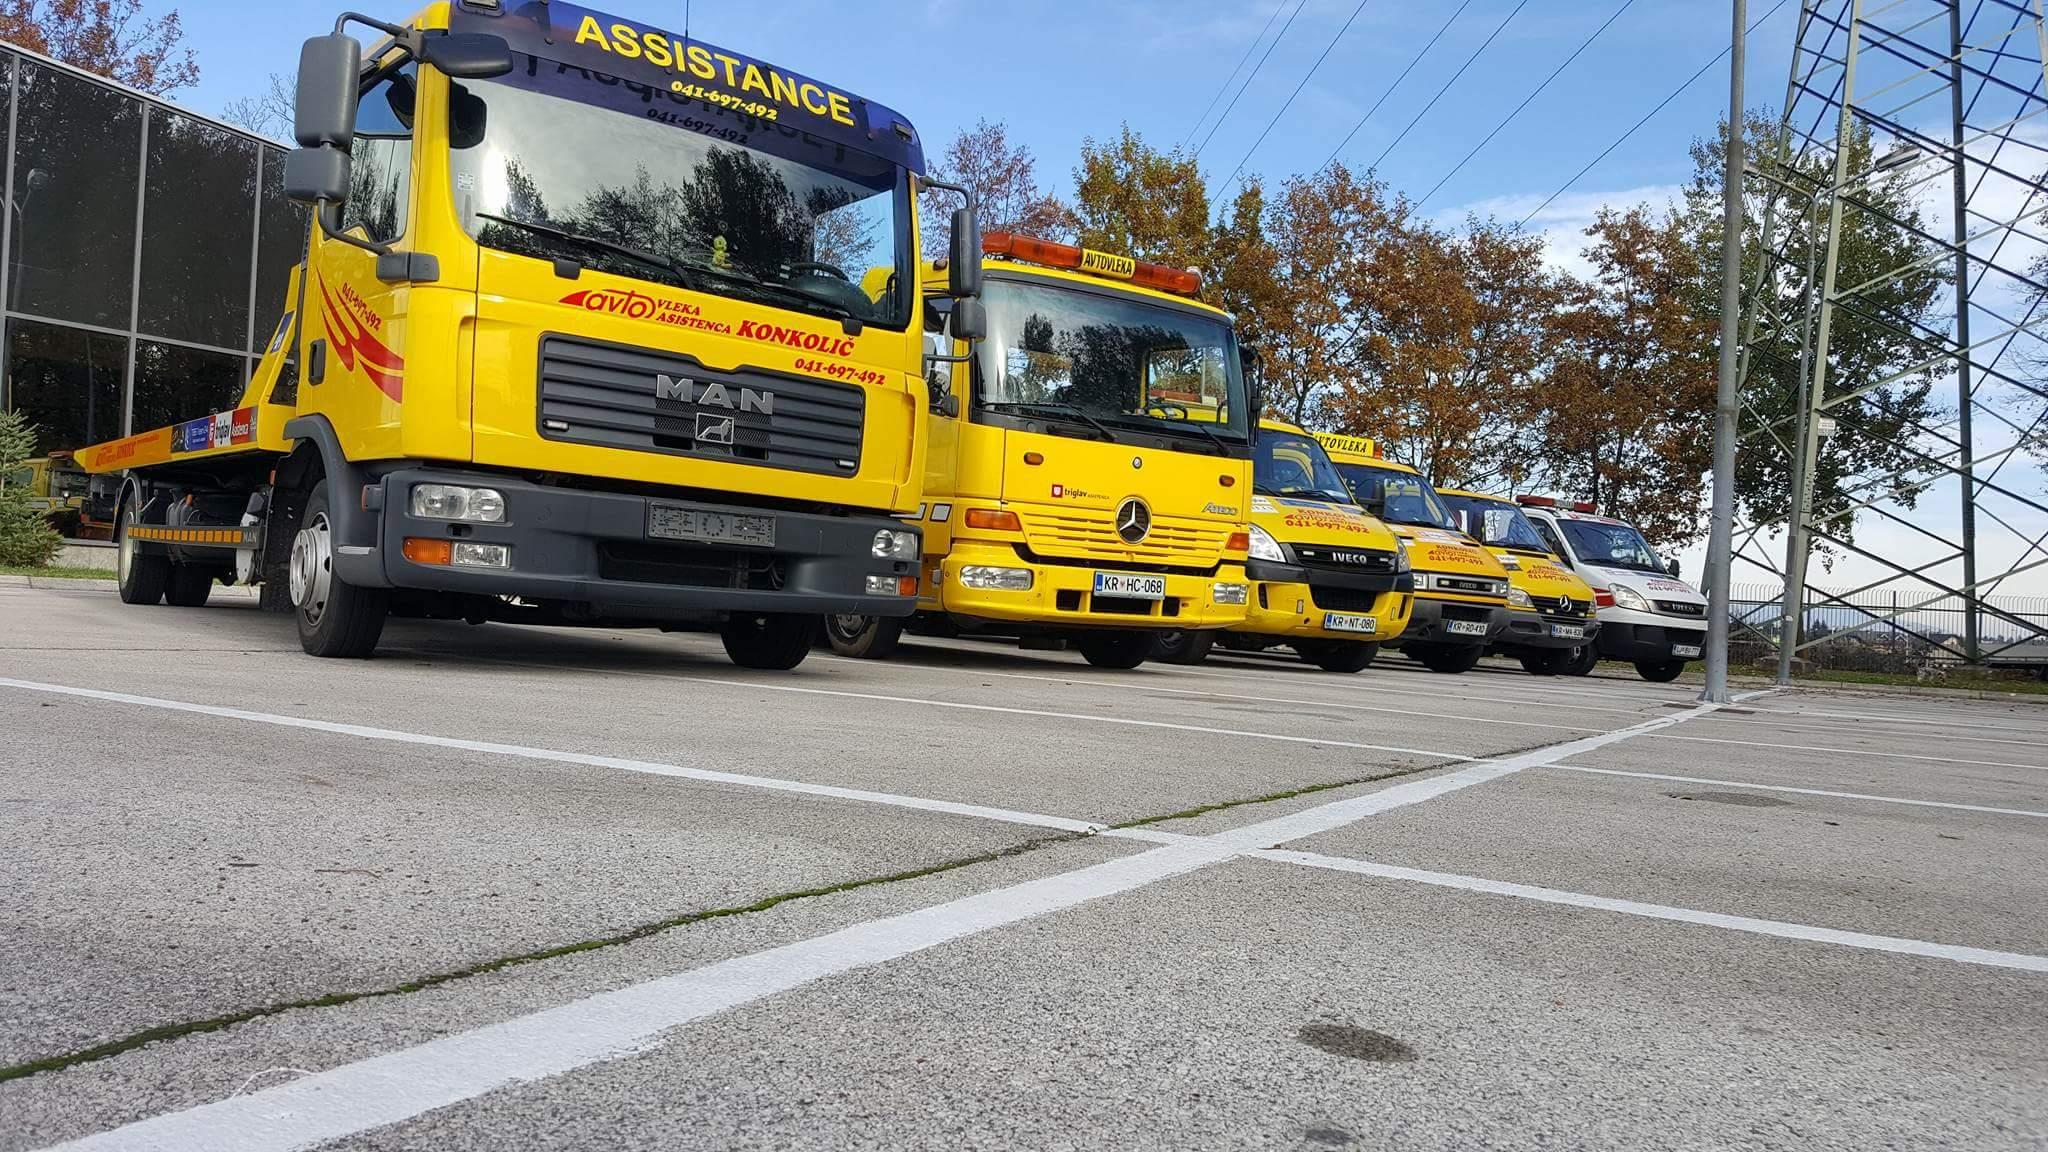 Avtovleka Kranj - Avtoasistenca Konkolič Kranj, Towing Service Kranj, Abschleppdienst Kranj received_10206014331832493